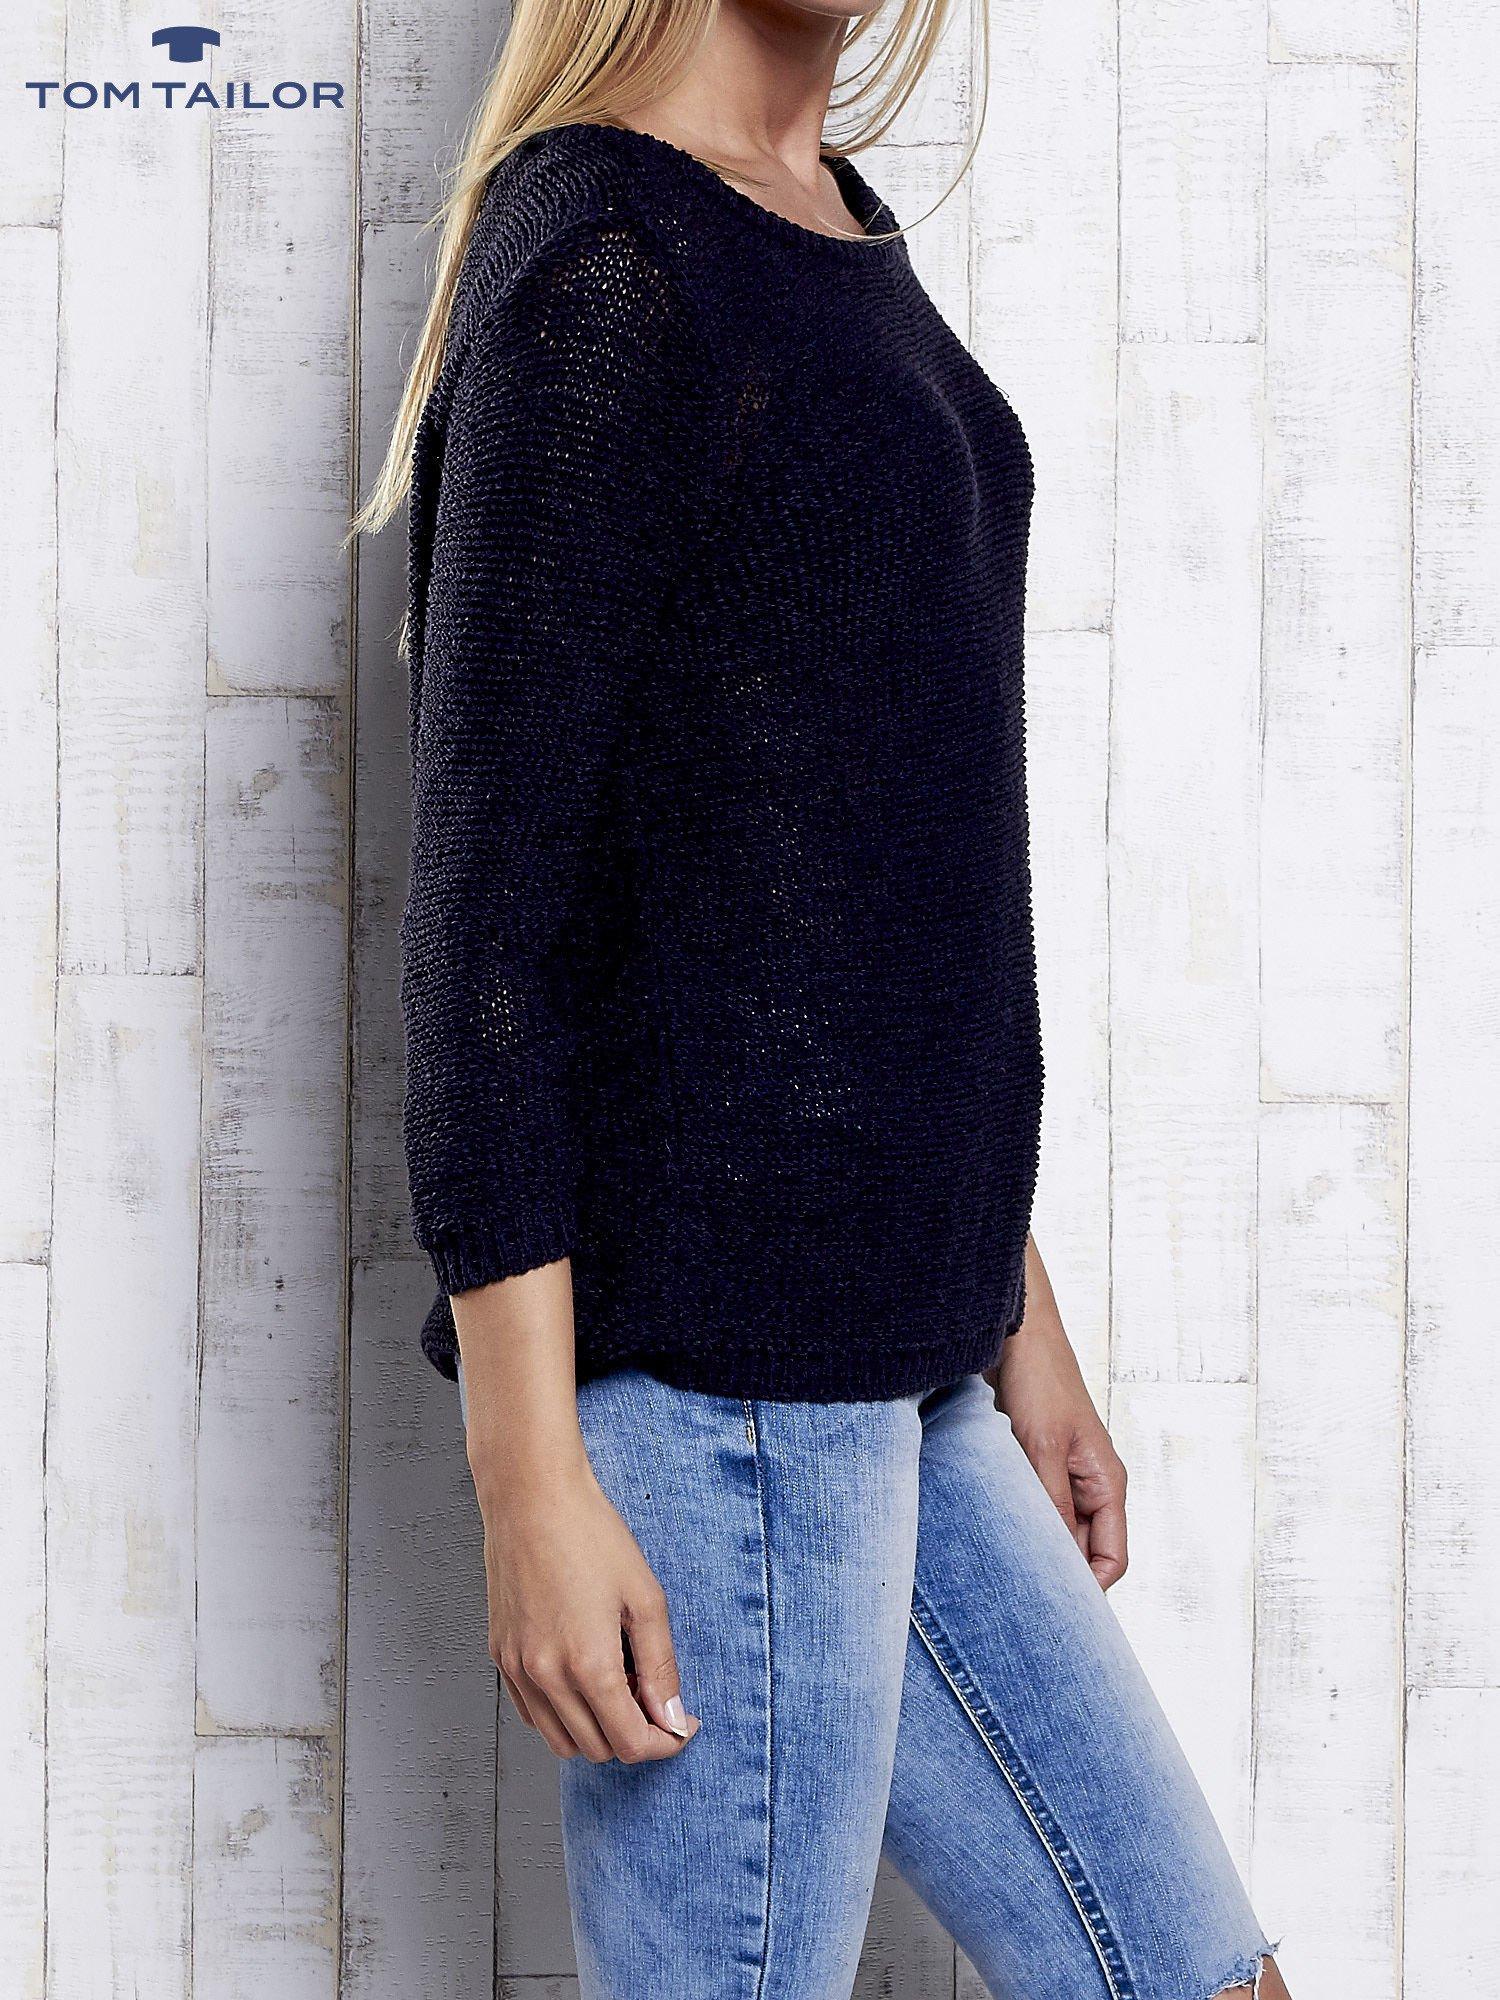 TOM TAILOR Granatowy sweter z kokardą na plecach                                  zdj.                                  4